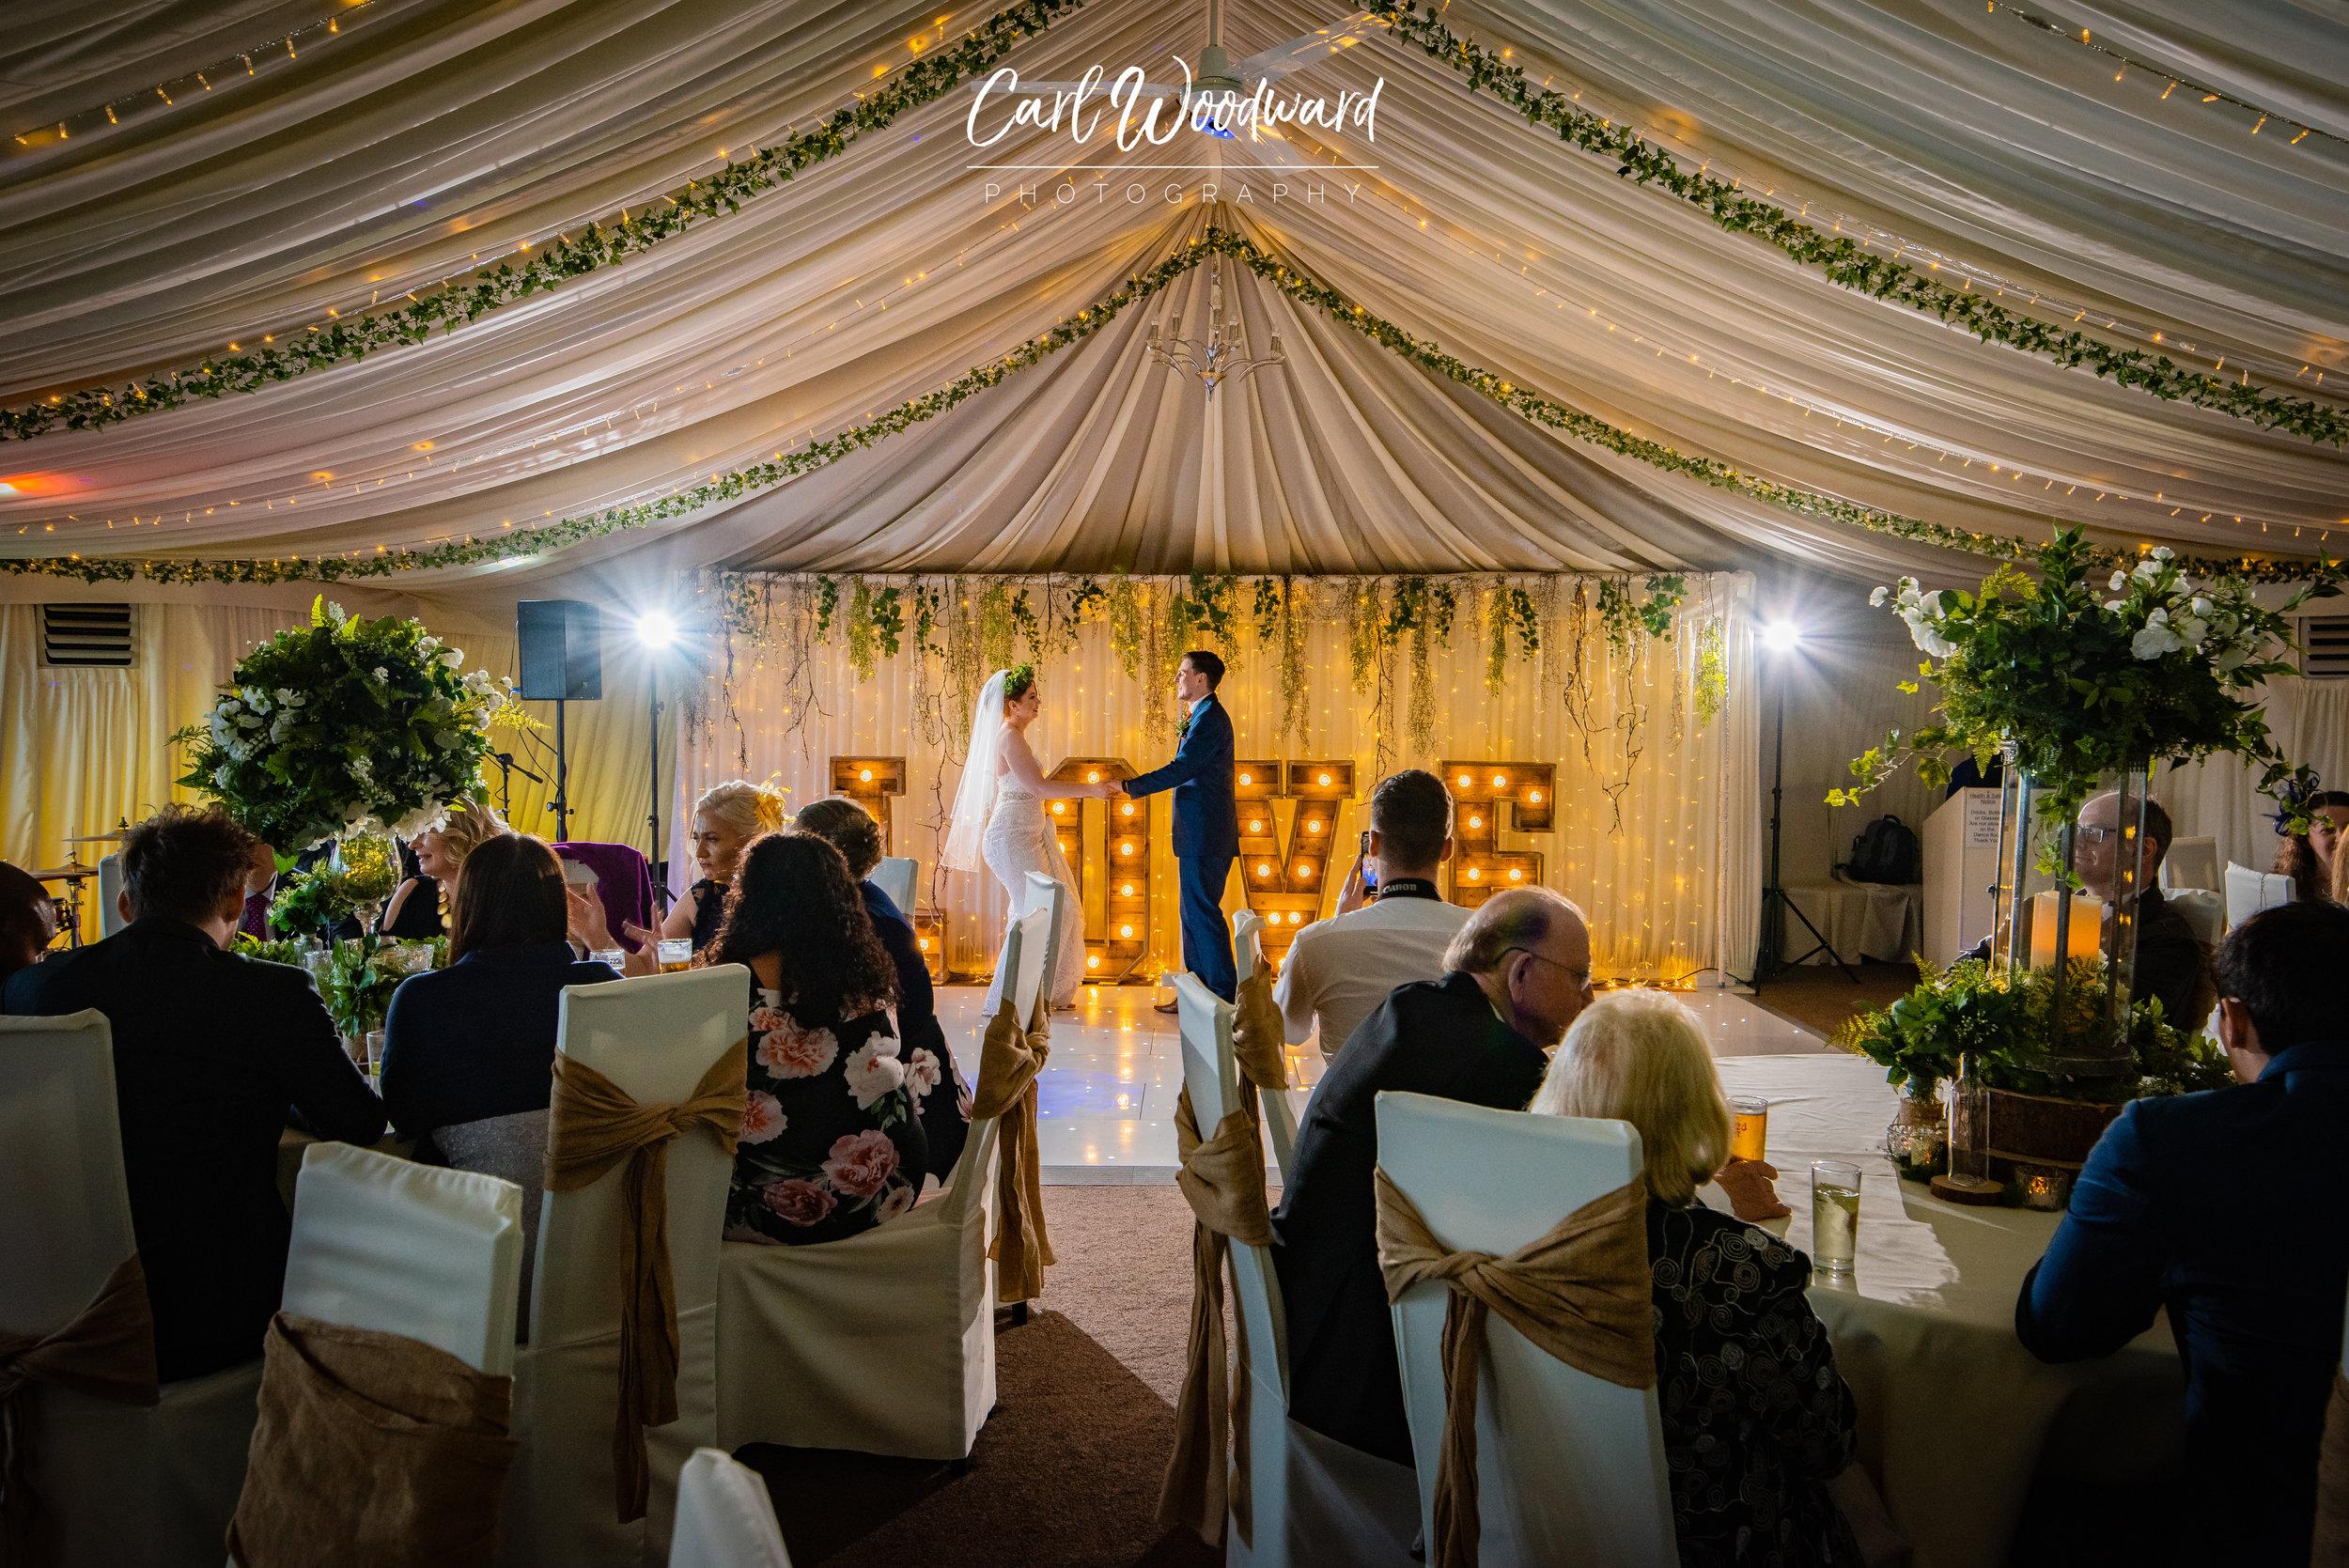 021-Oxwich-Bay-Hotel-Weddings-Cardiff-Wedding-Photography.jpg